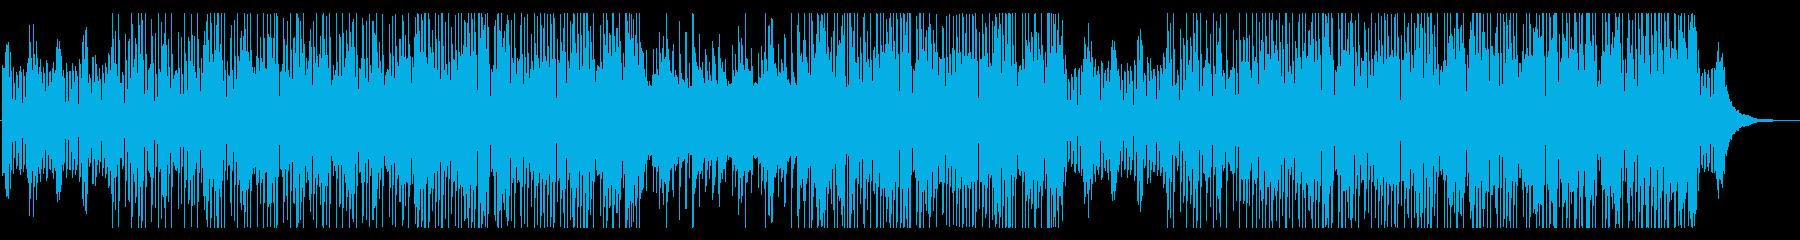 コミカルなピアノトリオのポップスの再生済みの波形